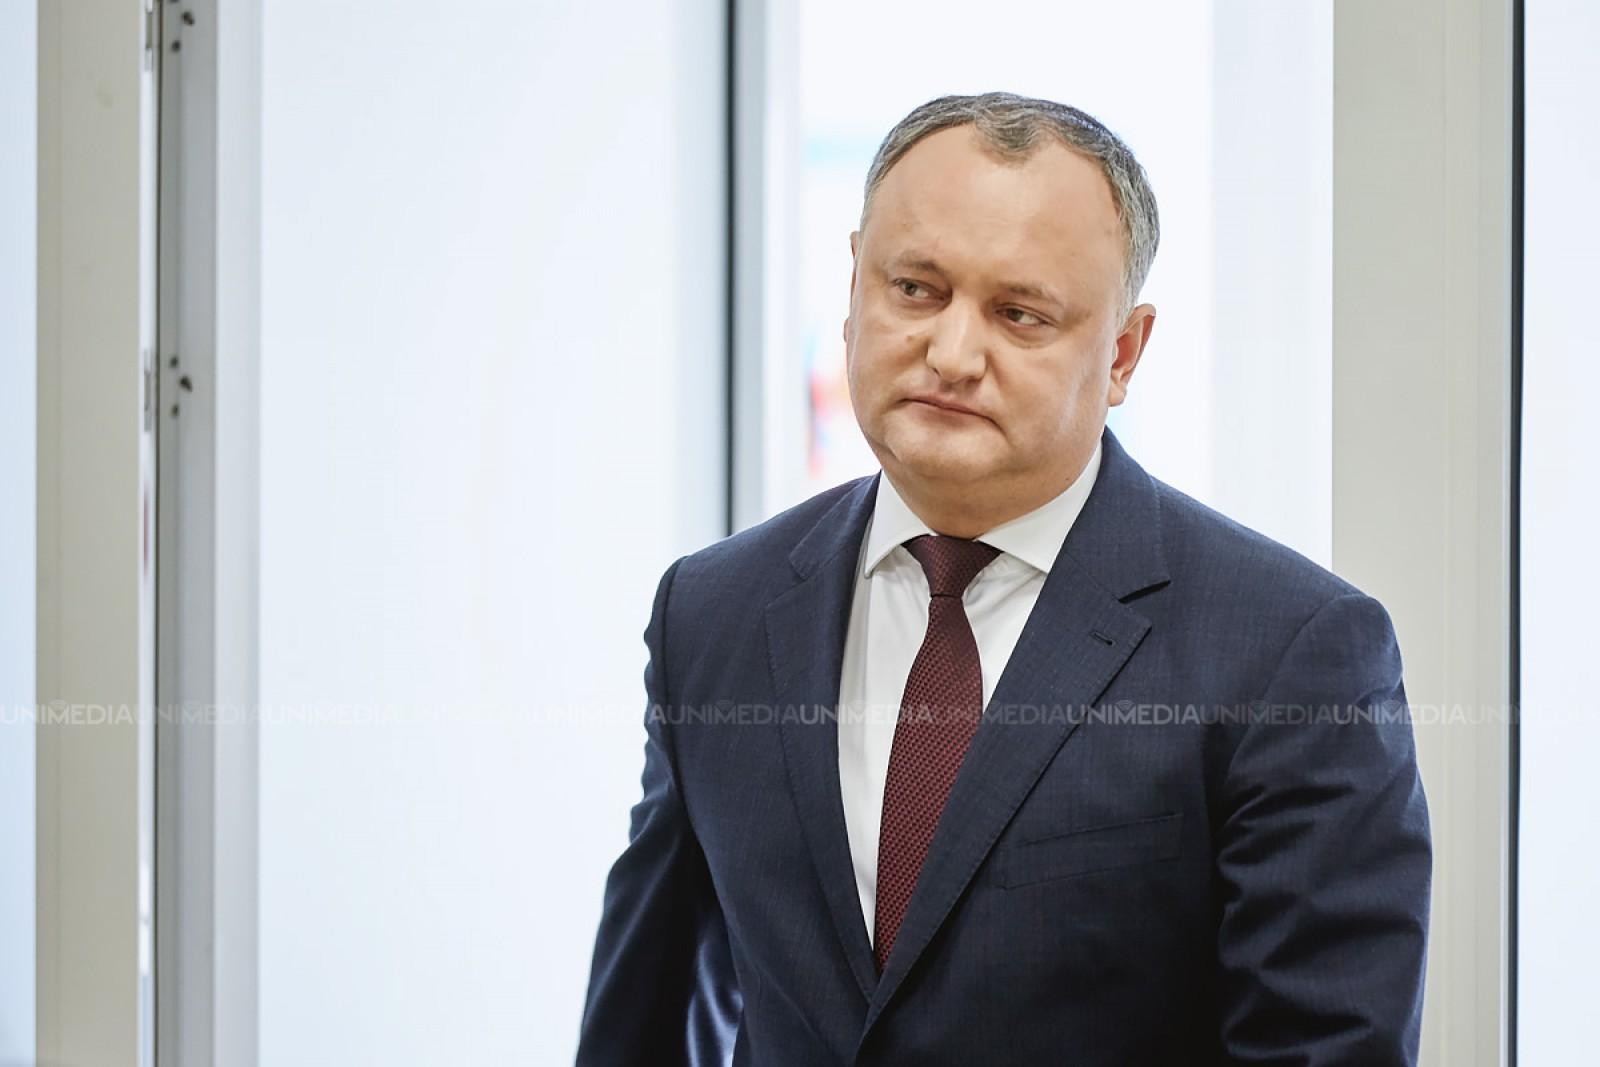 (video) Igor Dodon vorbește despre trei facilități care va aduce economiei Moldovei după obținerea statutului de observator a Uniunii Euroasiatice